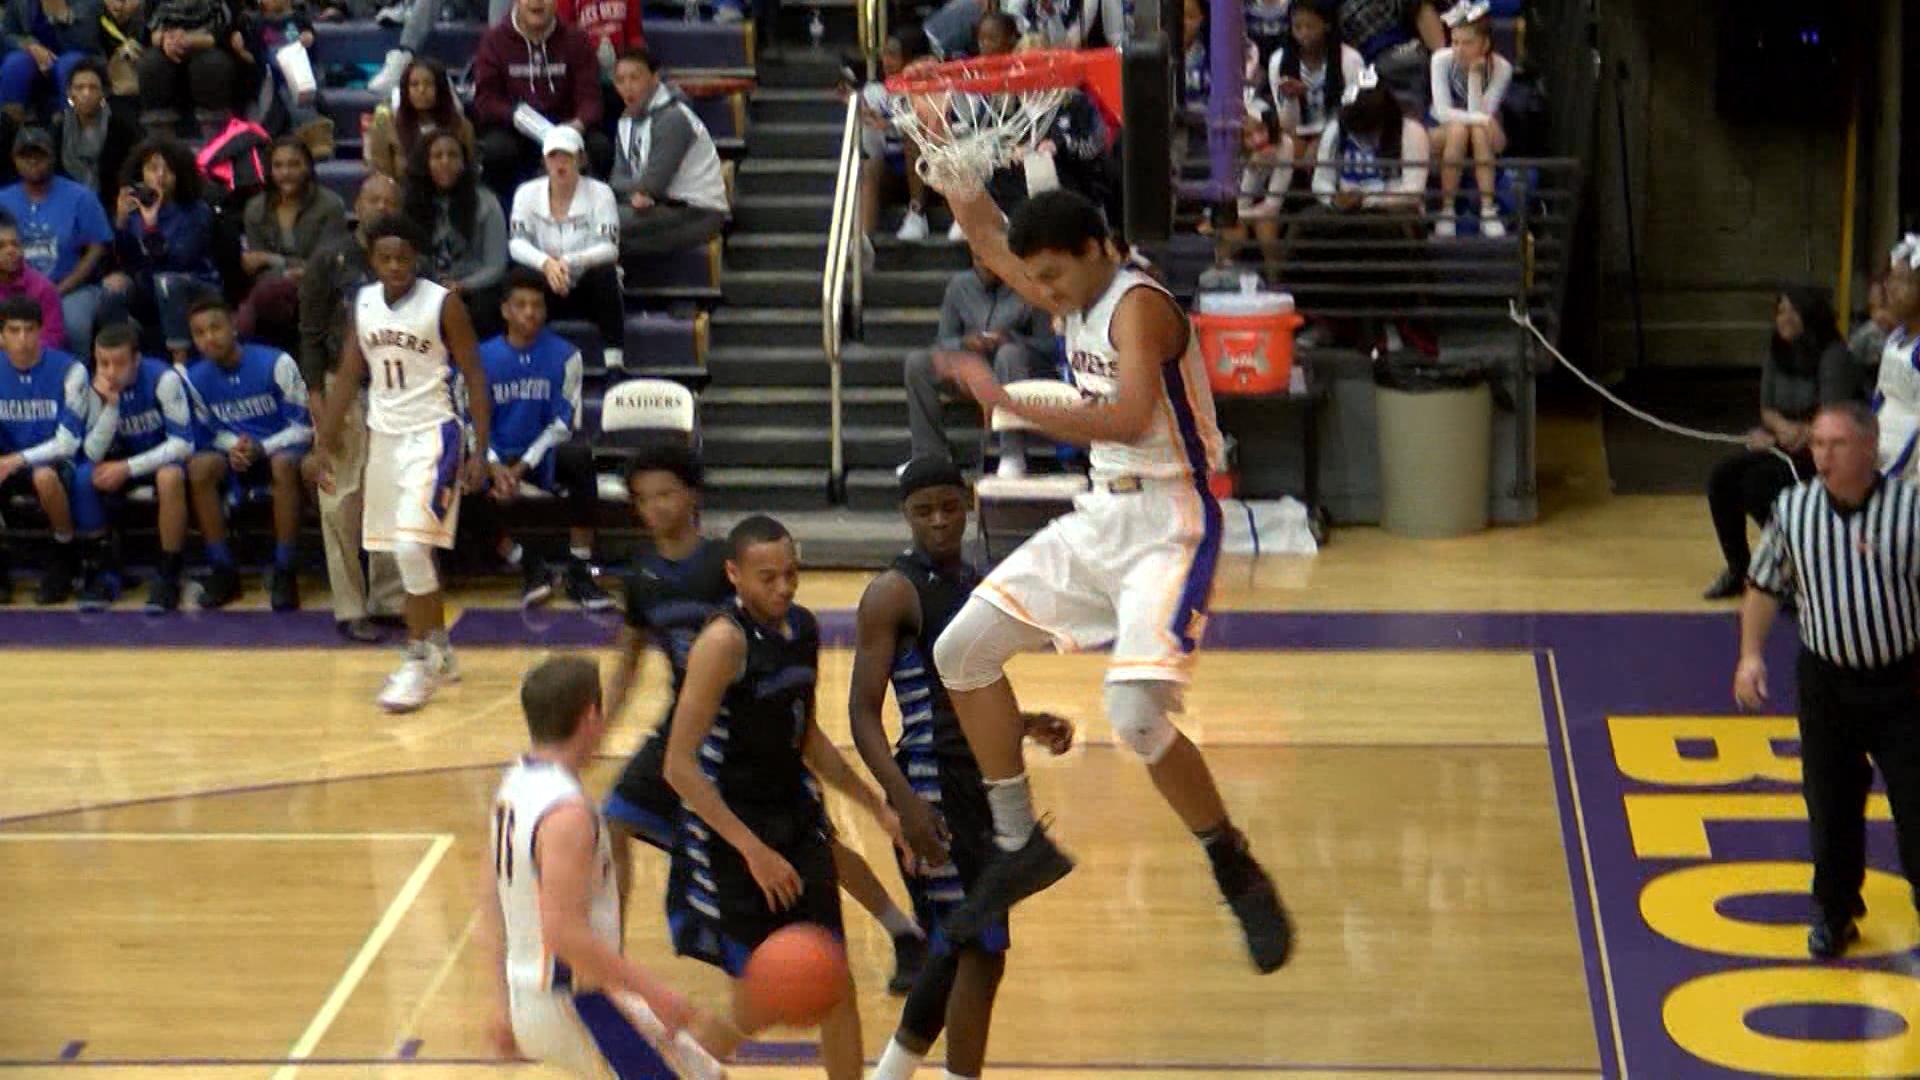 Bloomington sophomore big man Chris Payton